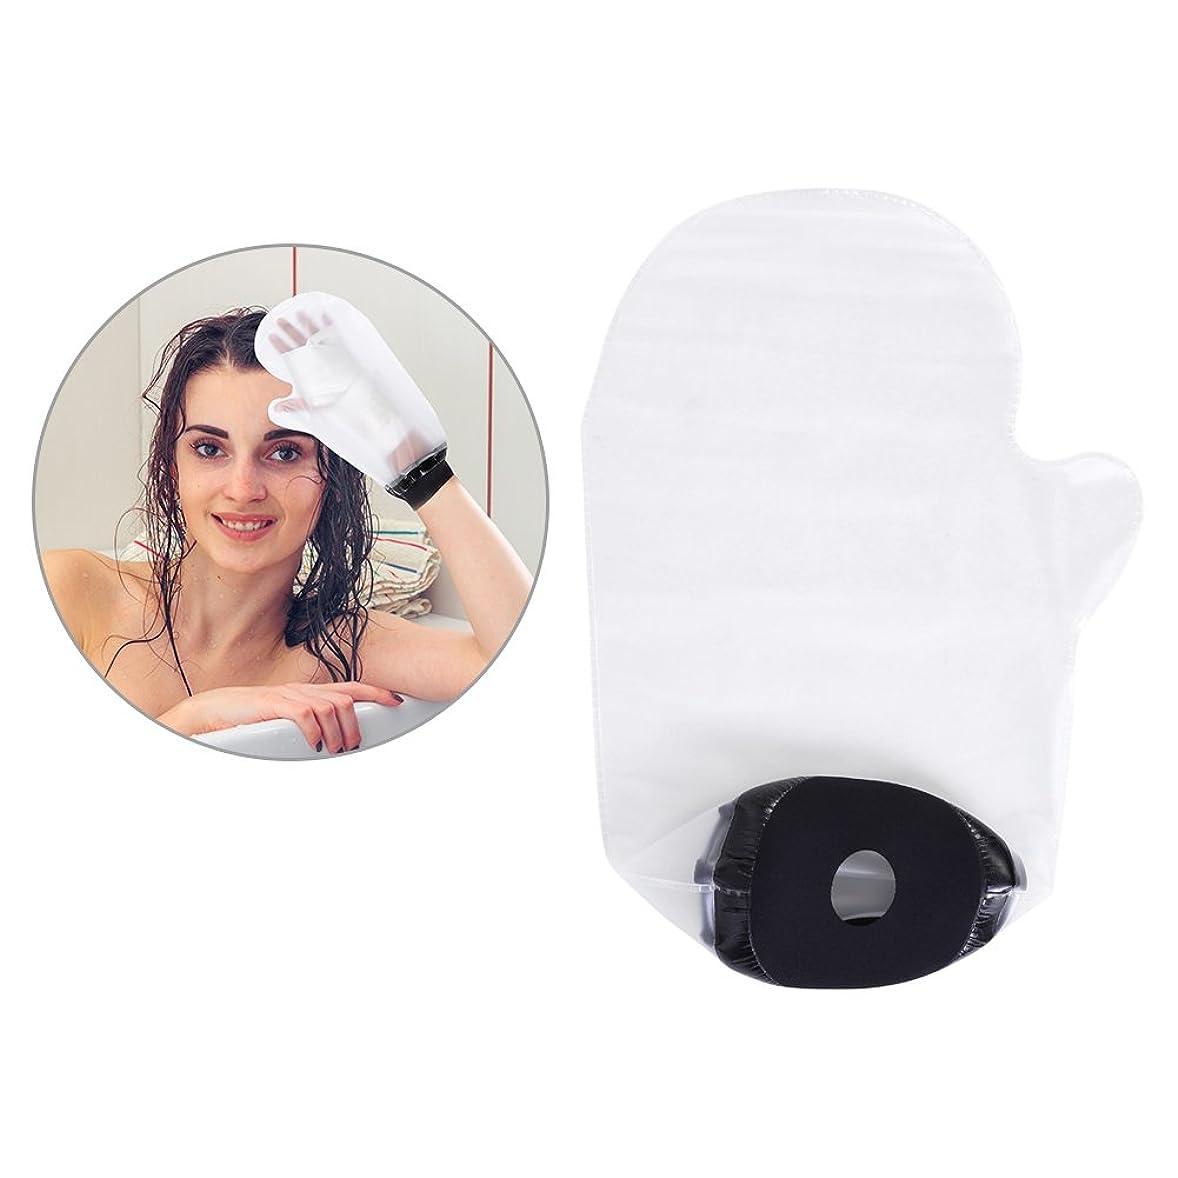 シードラベ愛する防水包帯保護袋 入浴中に傷の骨折手の感染を防ぐ FDA認定あり